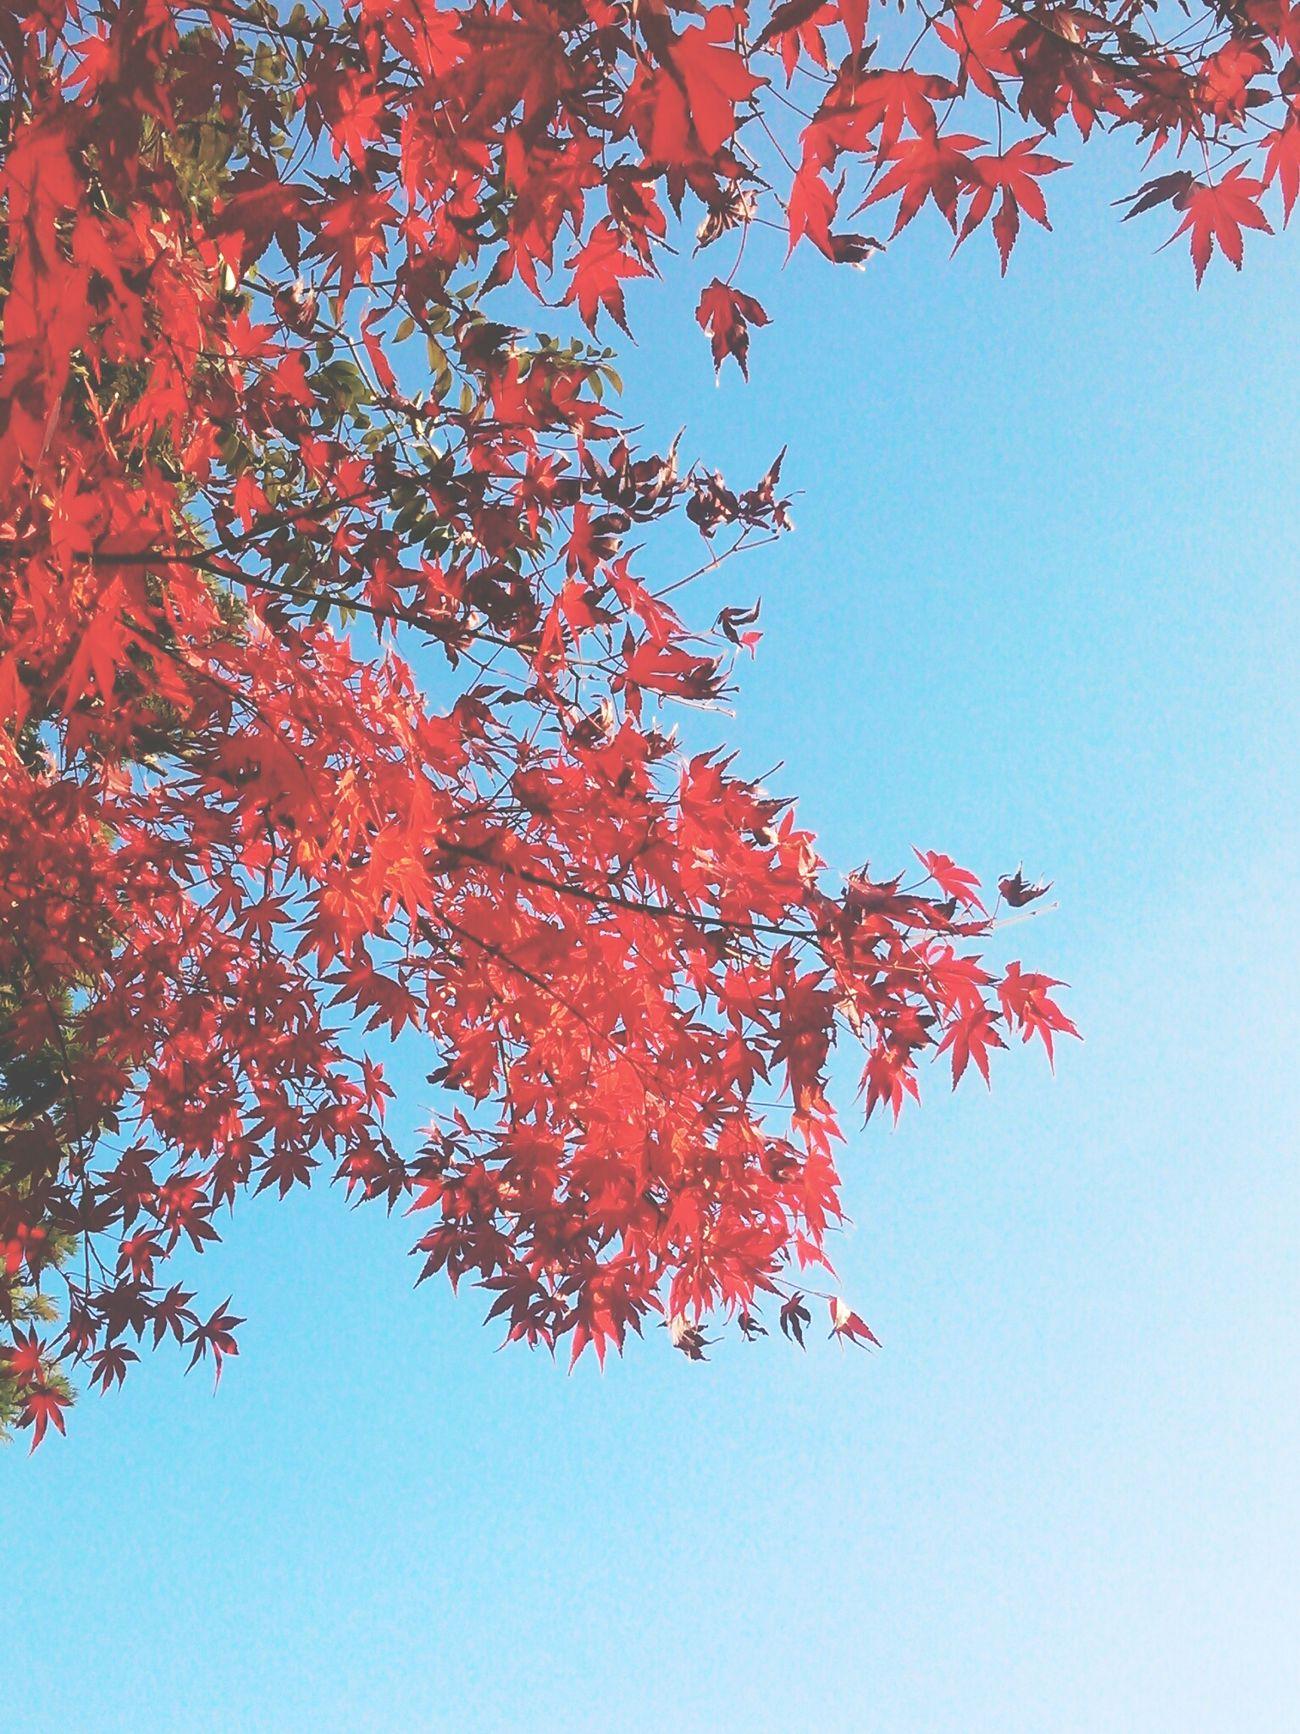 紅葉? JPN Nature Fall Autumn Leaves Red Sky